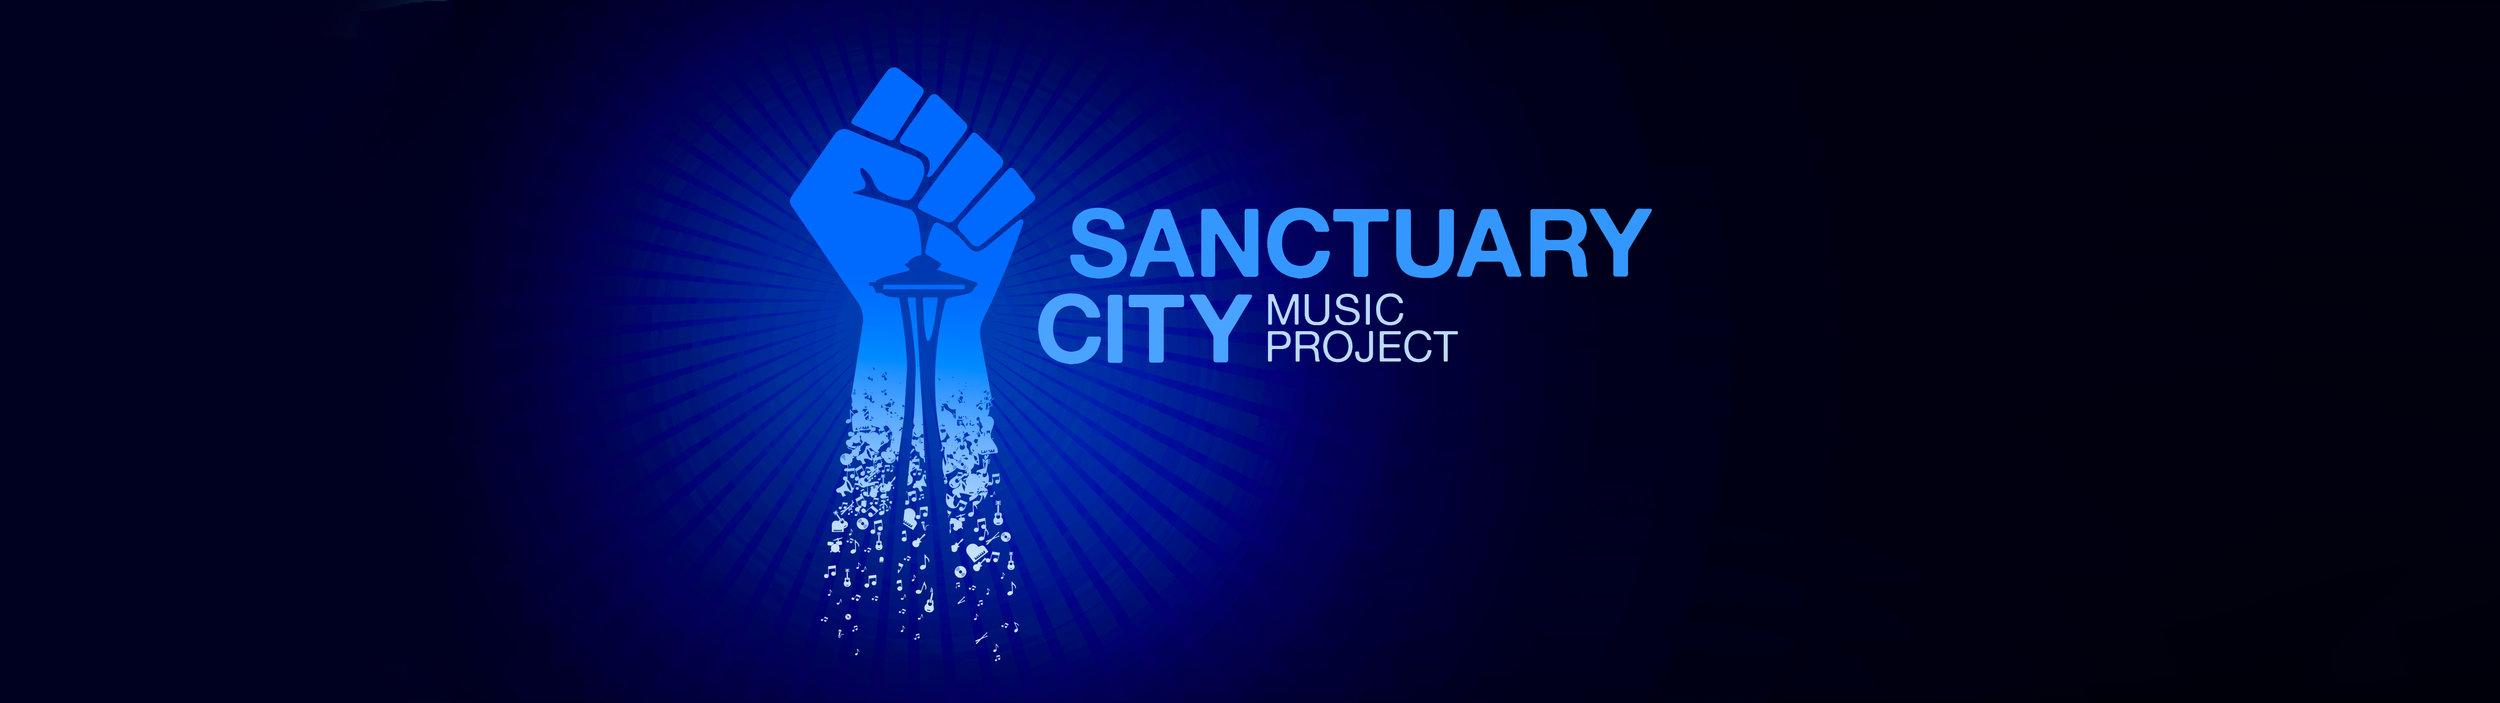 sanctuary city music project